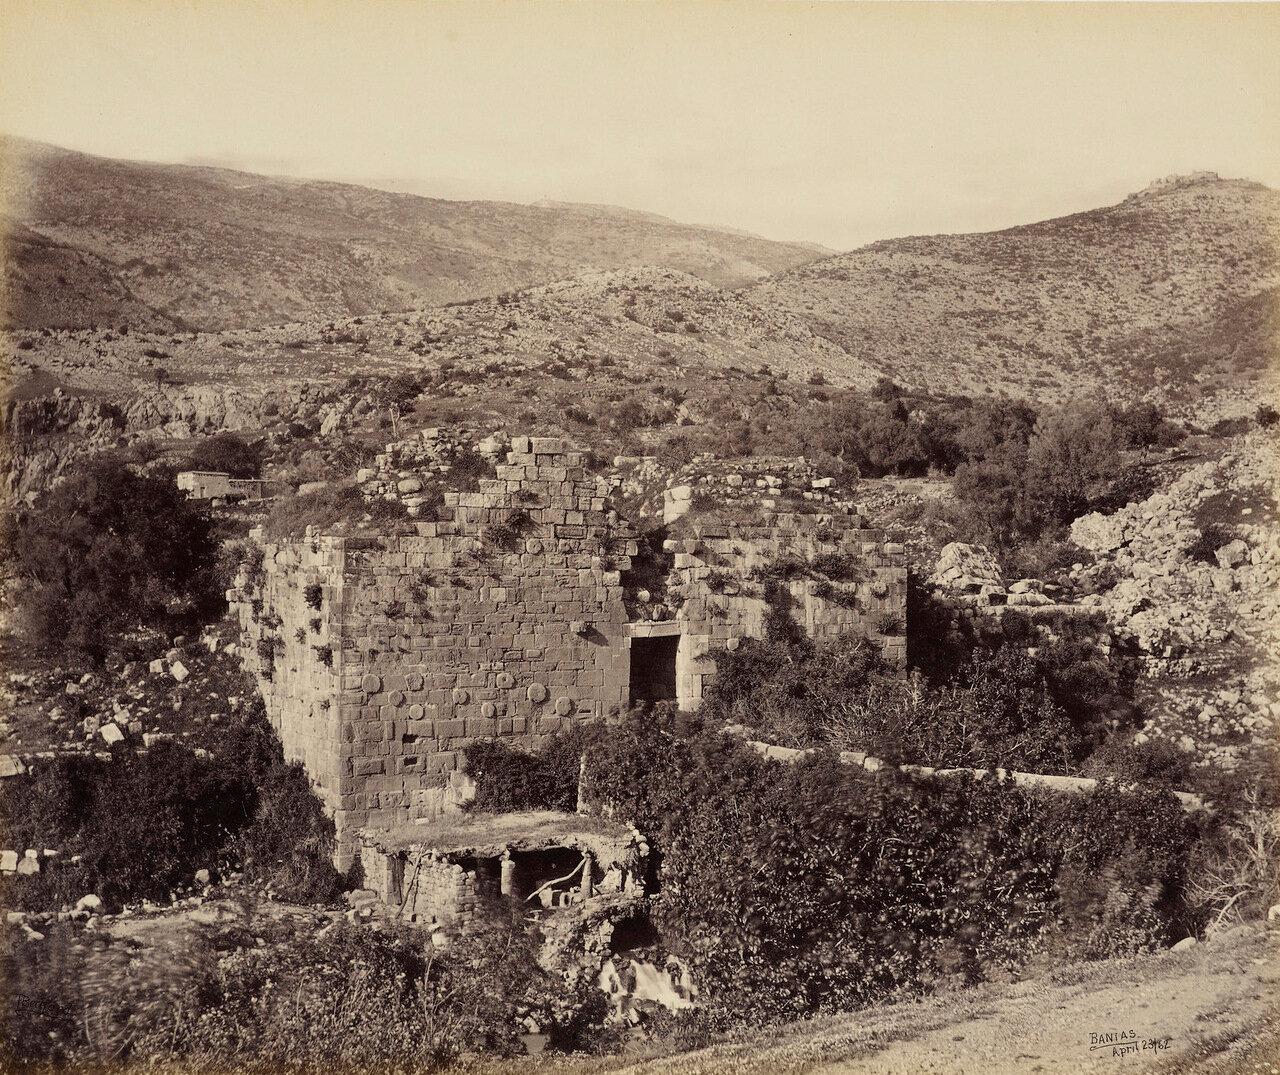 23 Aпреля 1862. Ворота в Цитадель, Баниас, Голаны